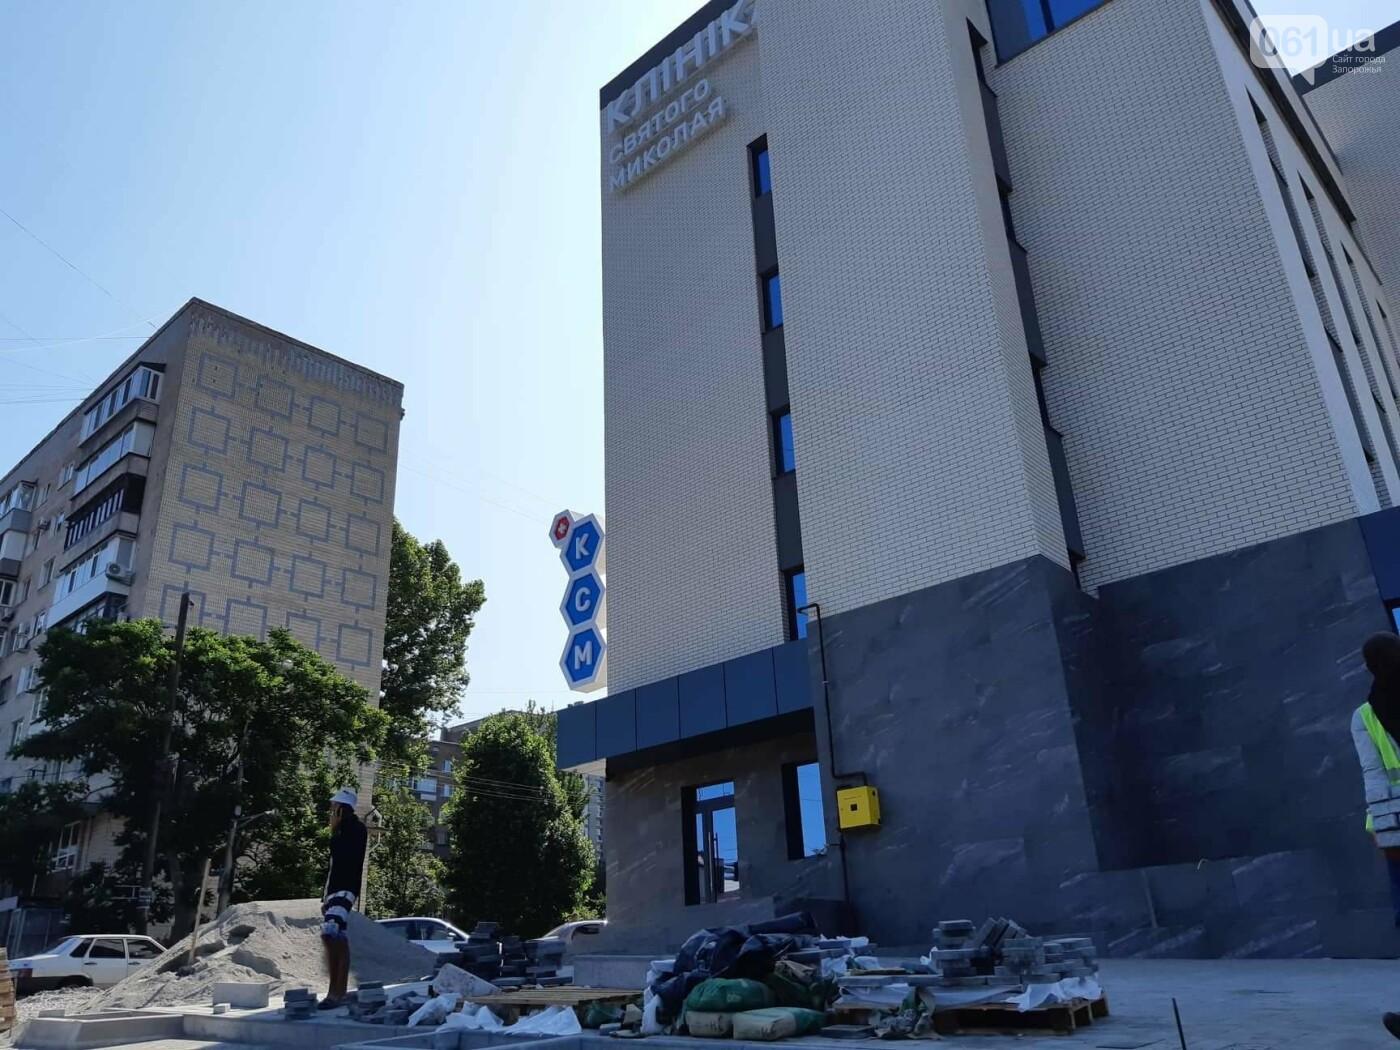 В Запорожье на месте заброшенного долгостроя построили частную клинику: как она выглядит и что будет внутри, - ФОТОРЕПОРТАЖ, фото-3